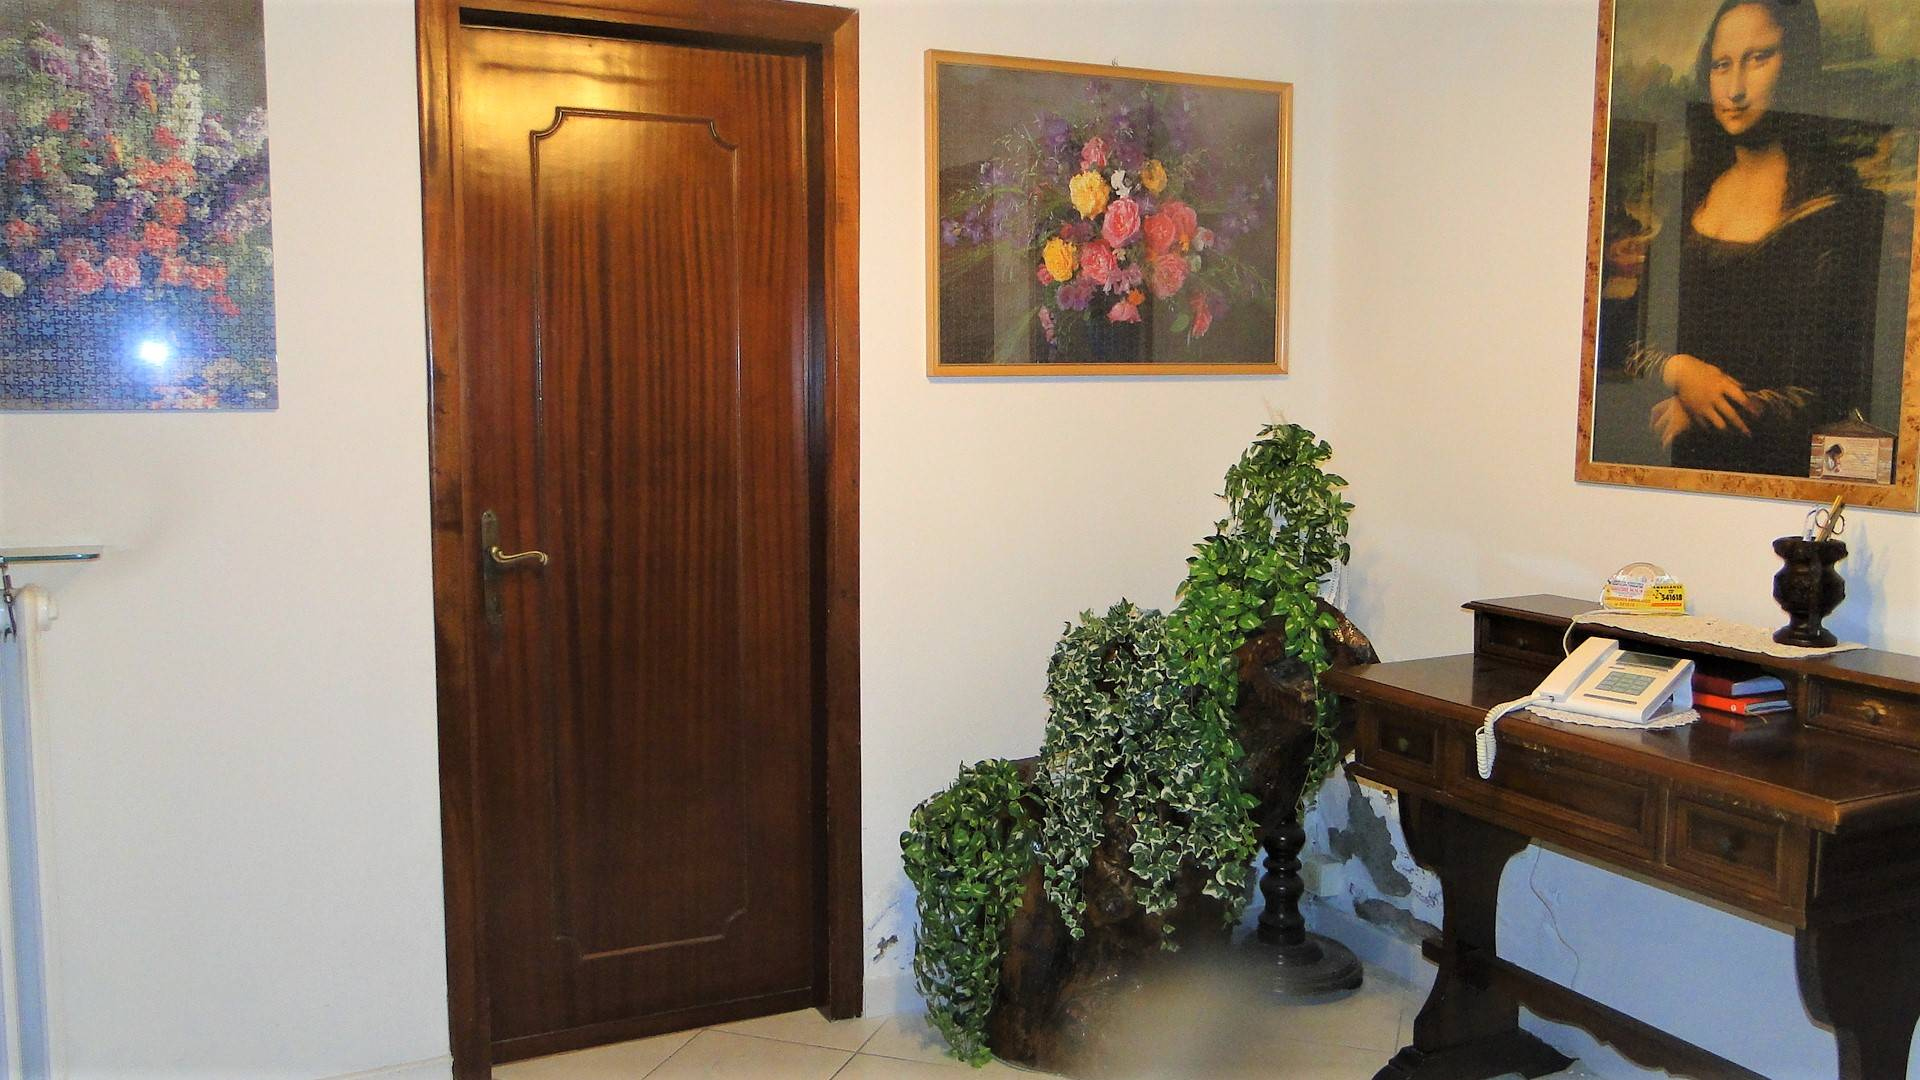 Soluzione Semindipendente in vendita a Montelupo Fiorentino, 5 locali, zona iana, prezzo € 250.000 | PortaleAgenzieImmobiliari.it